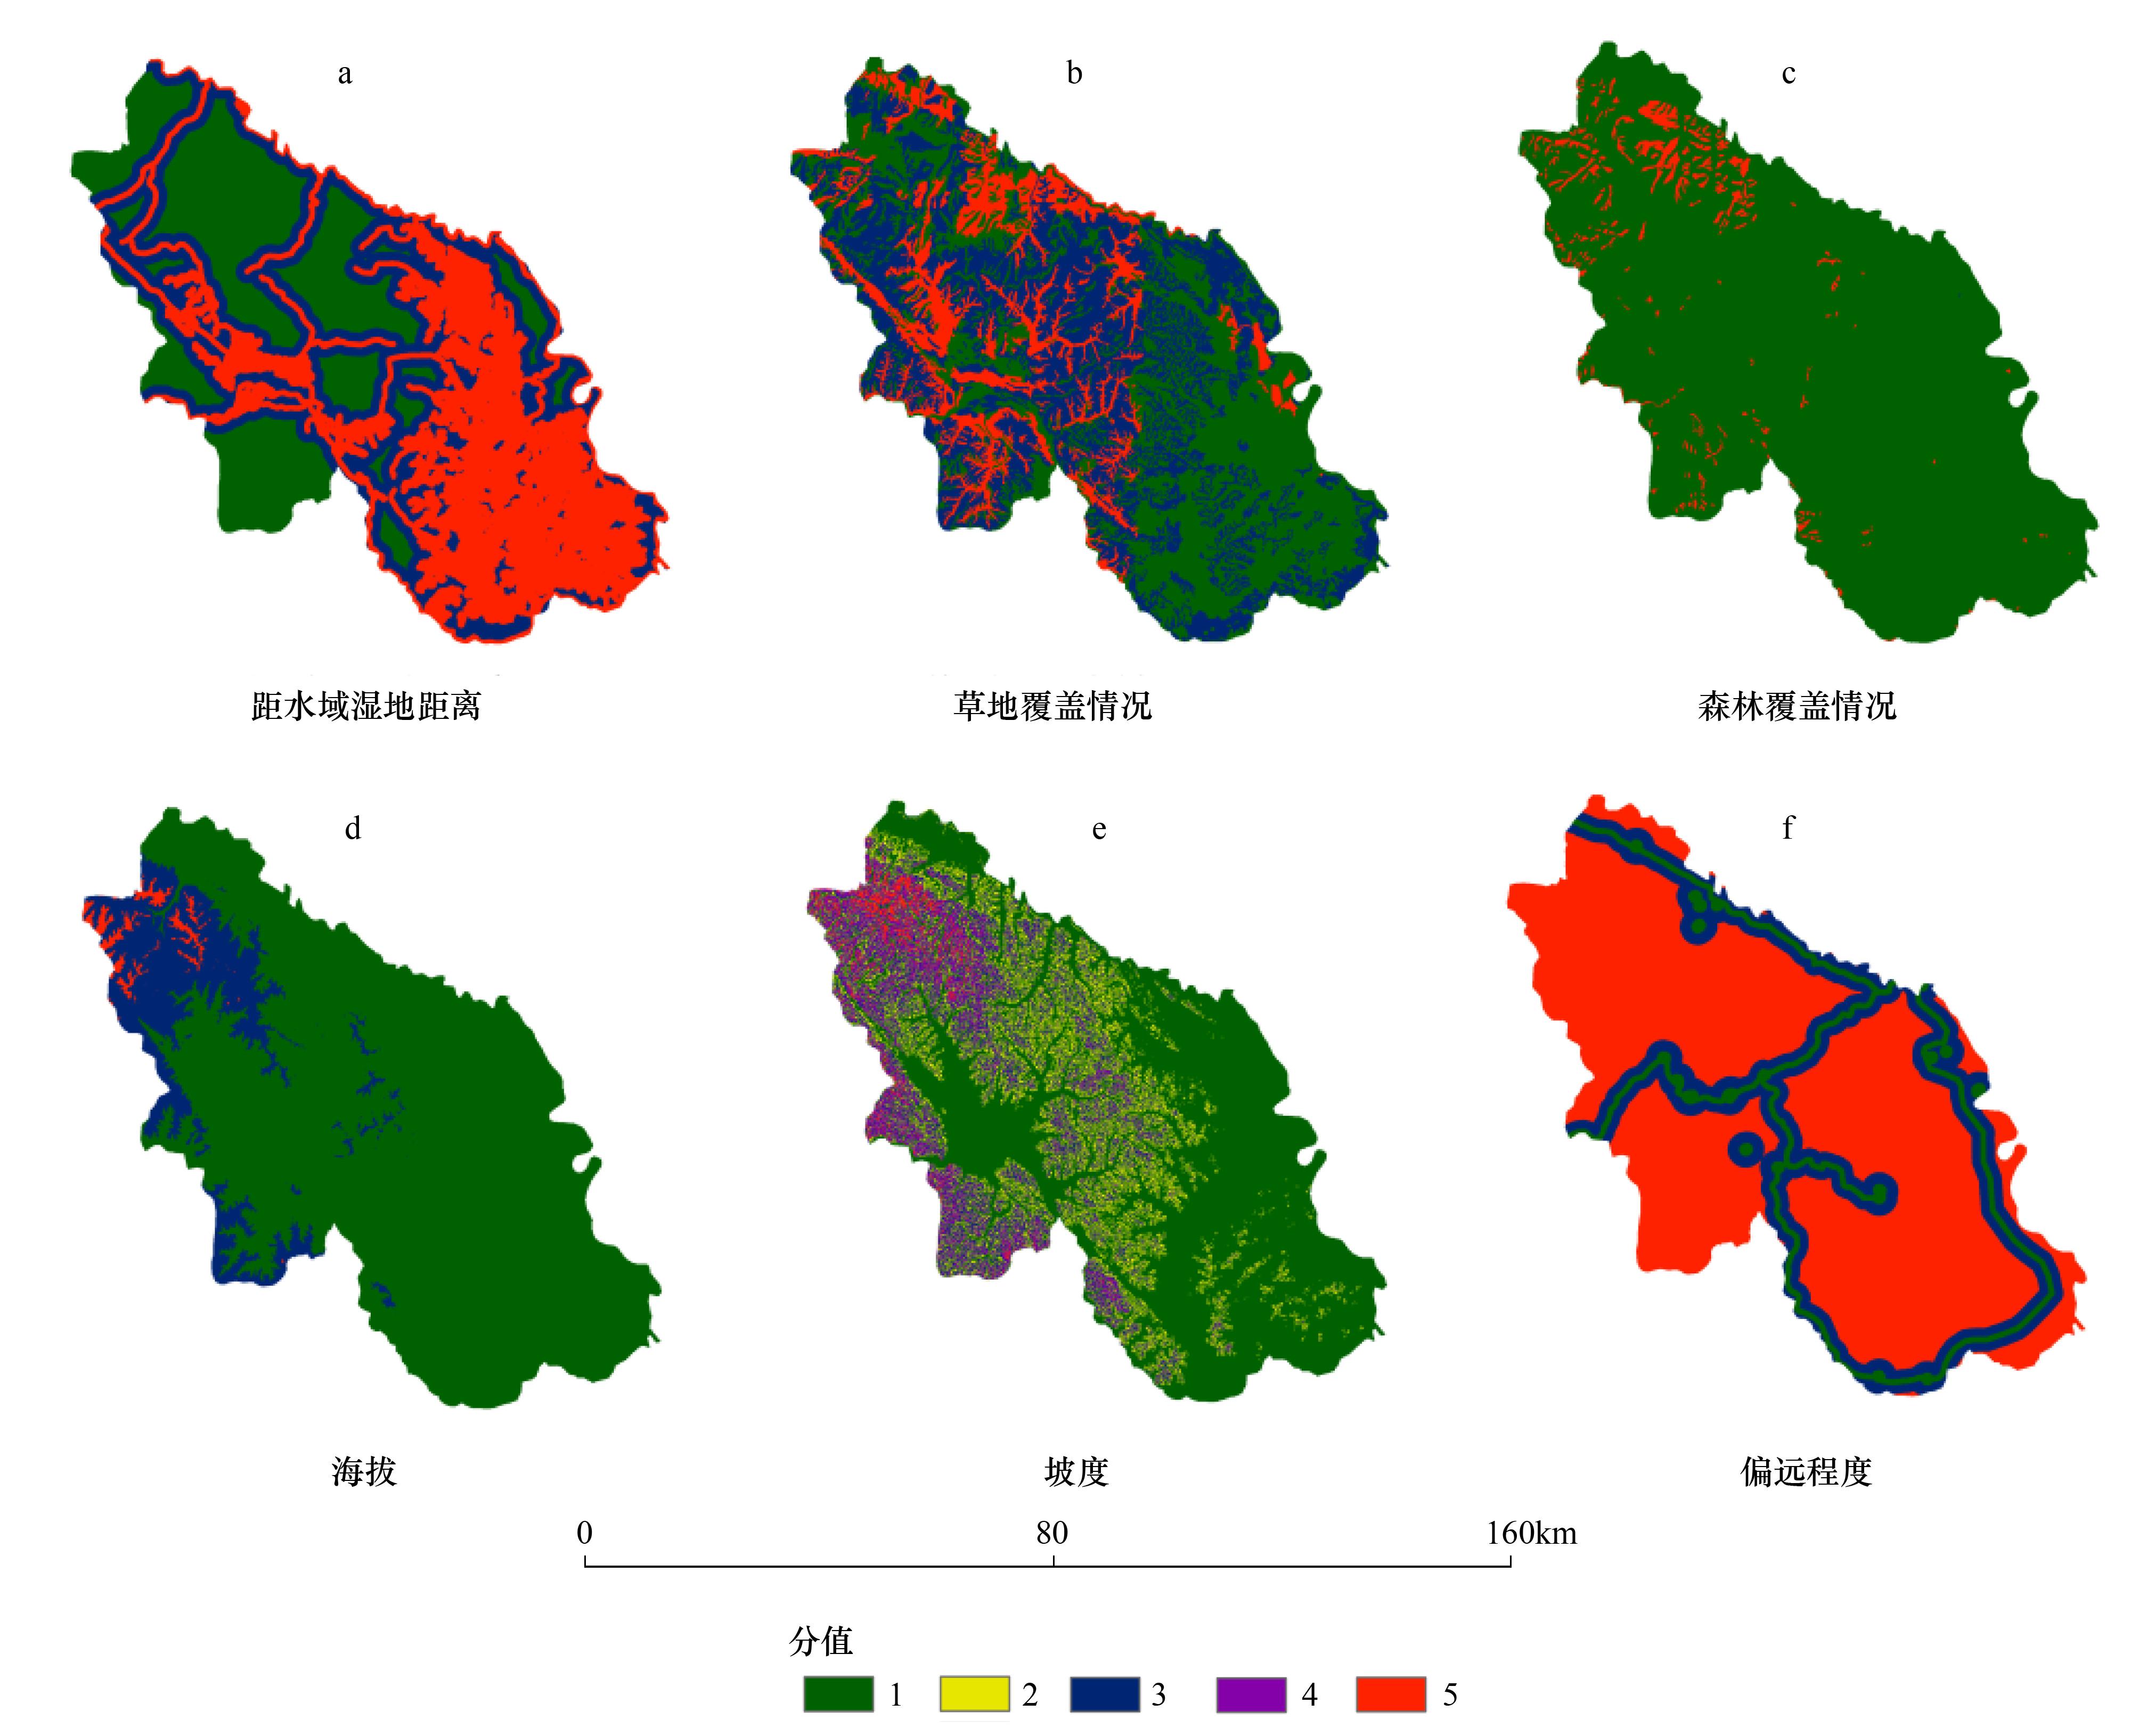 4 结论与讨论 本文运用GIS技术对具有突出旅游价值与生态功能的黄河首曲地区进行了生态旅游适宜性评价,并结合自然保护区范围对研究区进行了旅游功能区划,划分为3大旅游功能区和8类旅游功能亚区,研究成果有助于指导黄河首曲地区生态旅游因地制宜的开发,实现地区生态环境的最佳维持与未来旅游功能的良好发挥,并可促进首曲地区社会经济的可持续发展。 适宜性评价过程中,6大评价标准均是对地区自然性的表征,标准的选择具有明确的目标,一定程度上避免了主观随意选择评价标准的混乱。而在GIS叠加分析所依据的线性方程中应用层次分析法